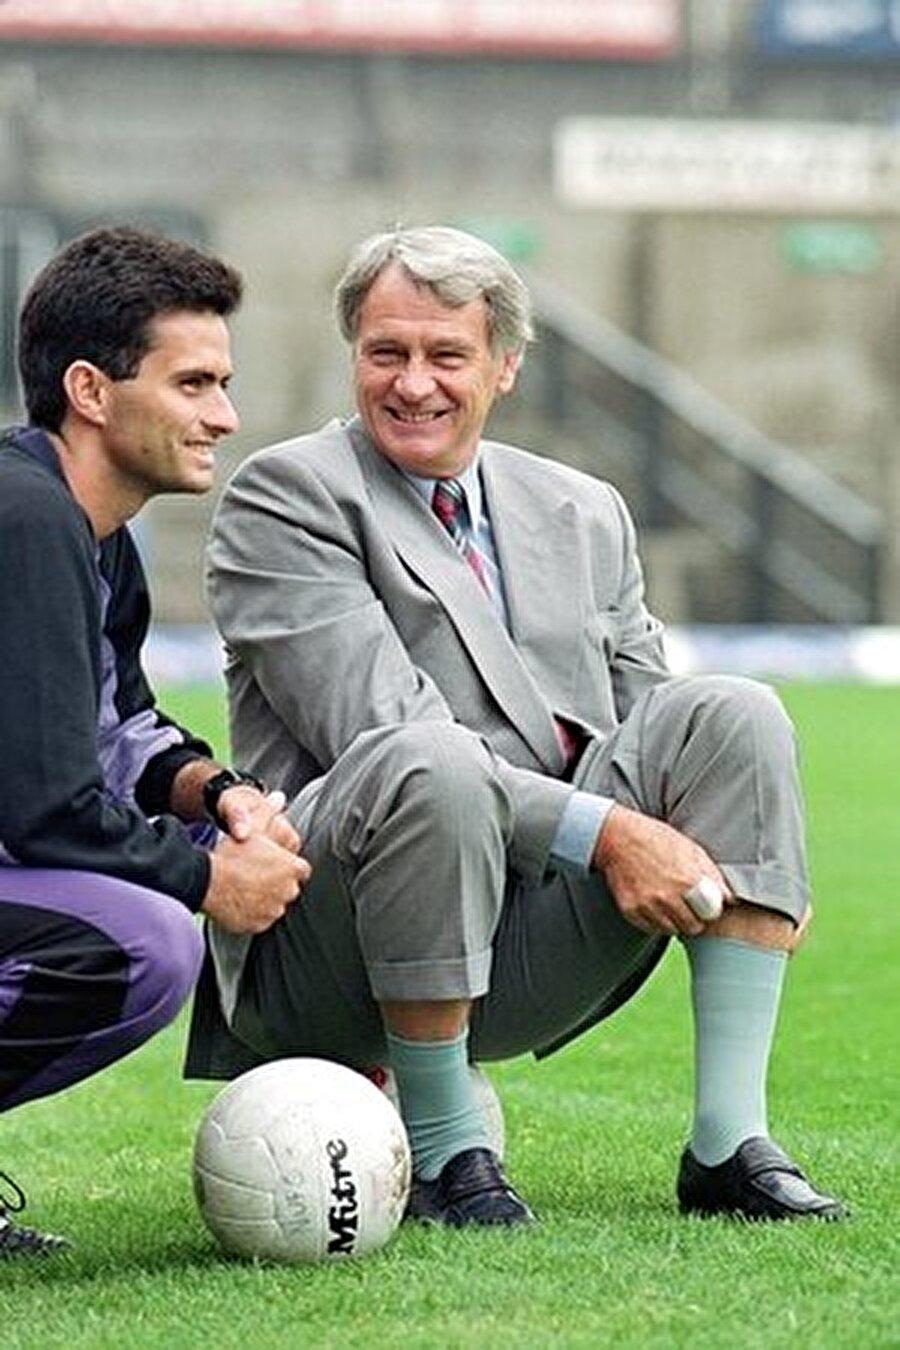 1992'de Sporting Lizbon'da Mourinho'nun hayatı 1992'de değişti. İngiliz teknik adam Boby Robson, Sporting Lizbon'un başına getiriliğinde yanına futboldan anlayan bir tercüman gerekli oldu. Akla gelen ilk isimse 29 yaşındaki Jose Mourinho'ydu…